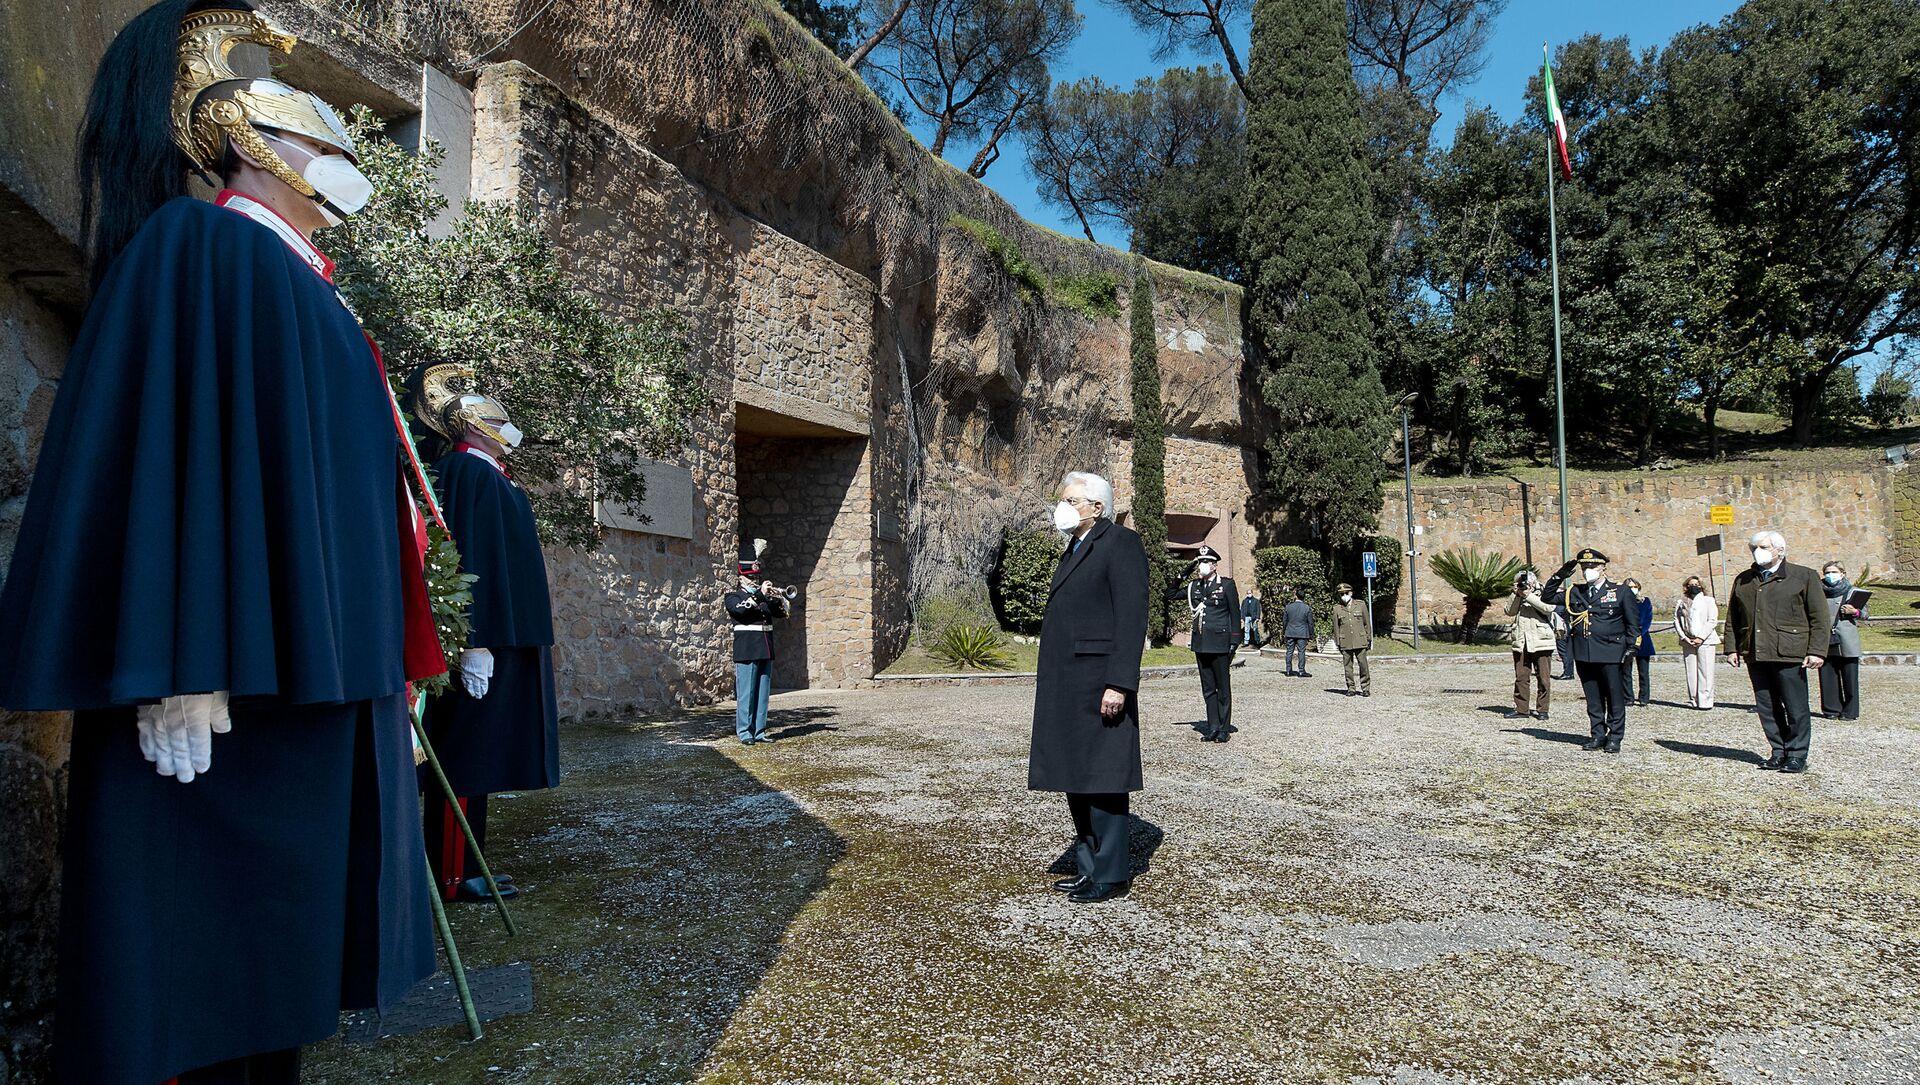 Il presidente Sergio Mattarella alla commemorazione del 77° anniversario del massacro nazista alle Fosse Ardeatine, Roma 24 marzo 2021 - Sputnik Italia, 1920, 24.03.2021